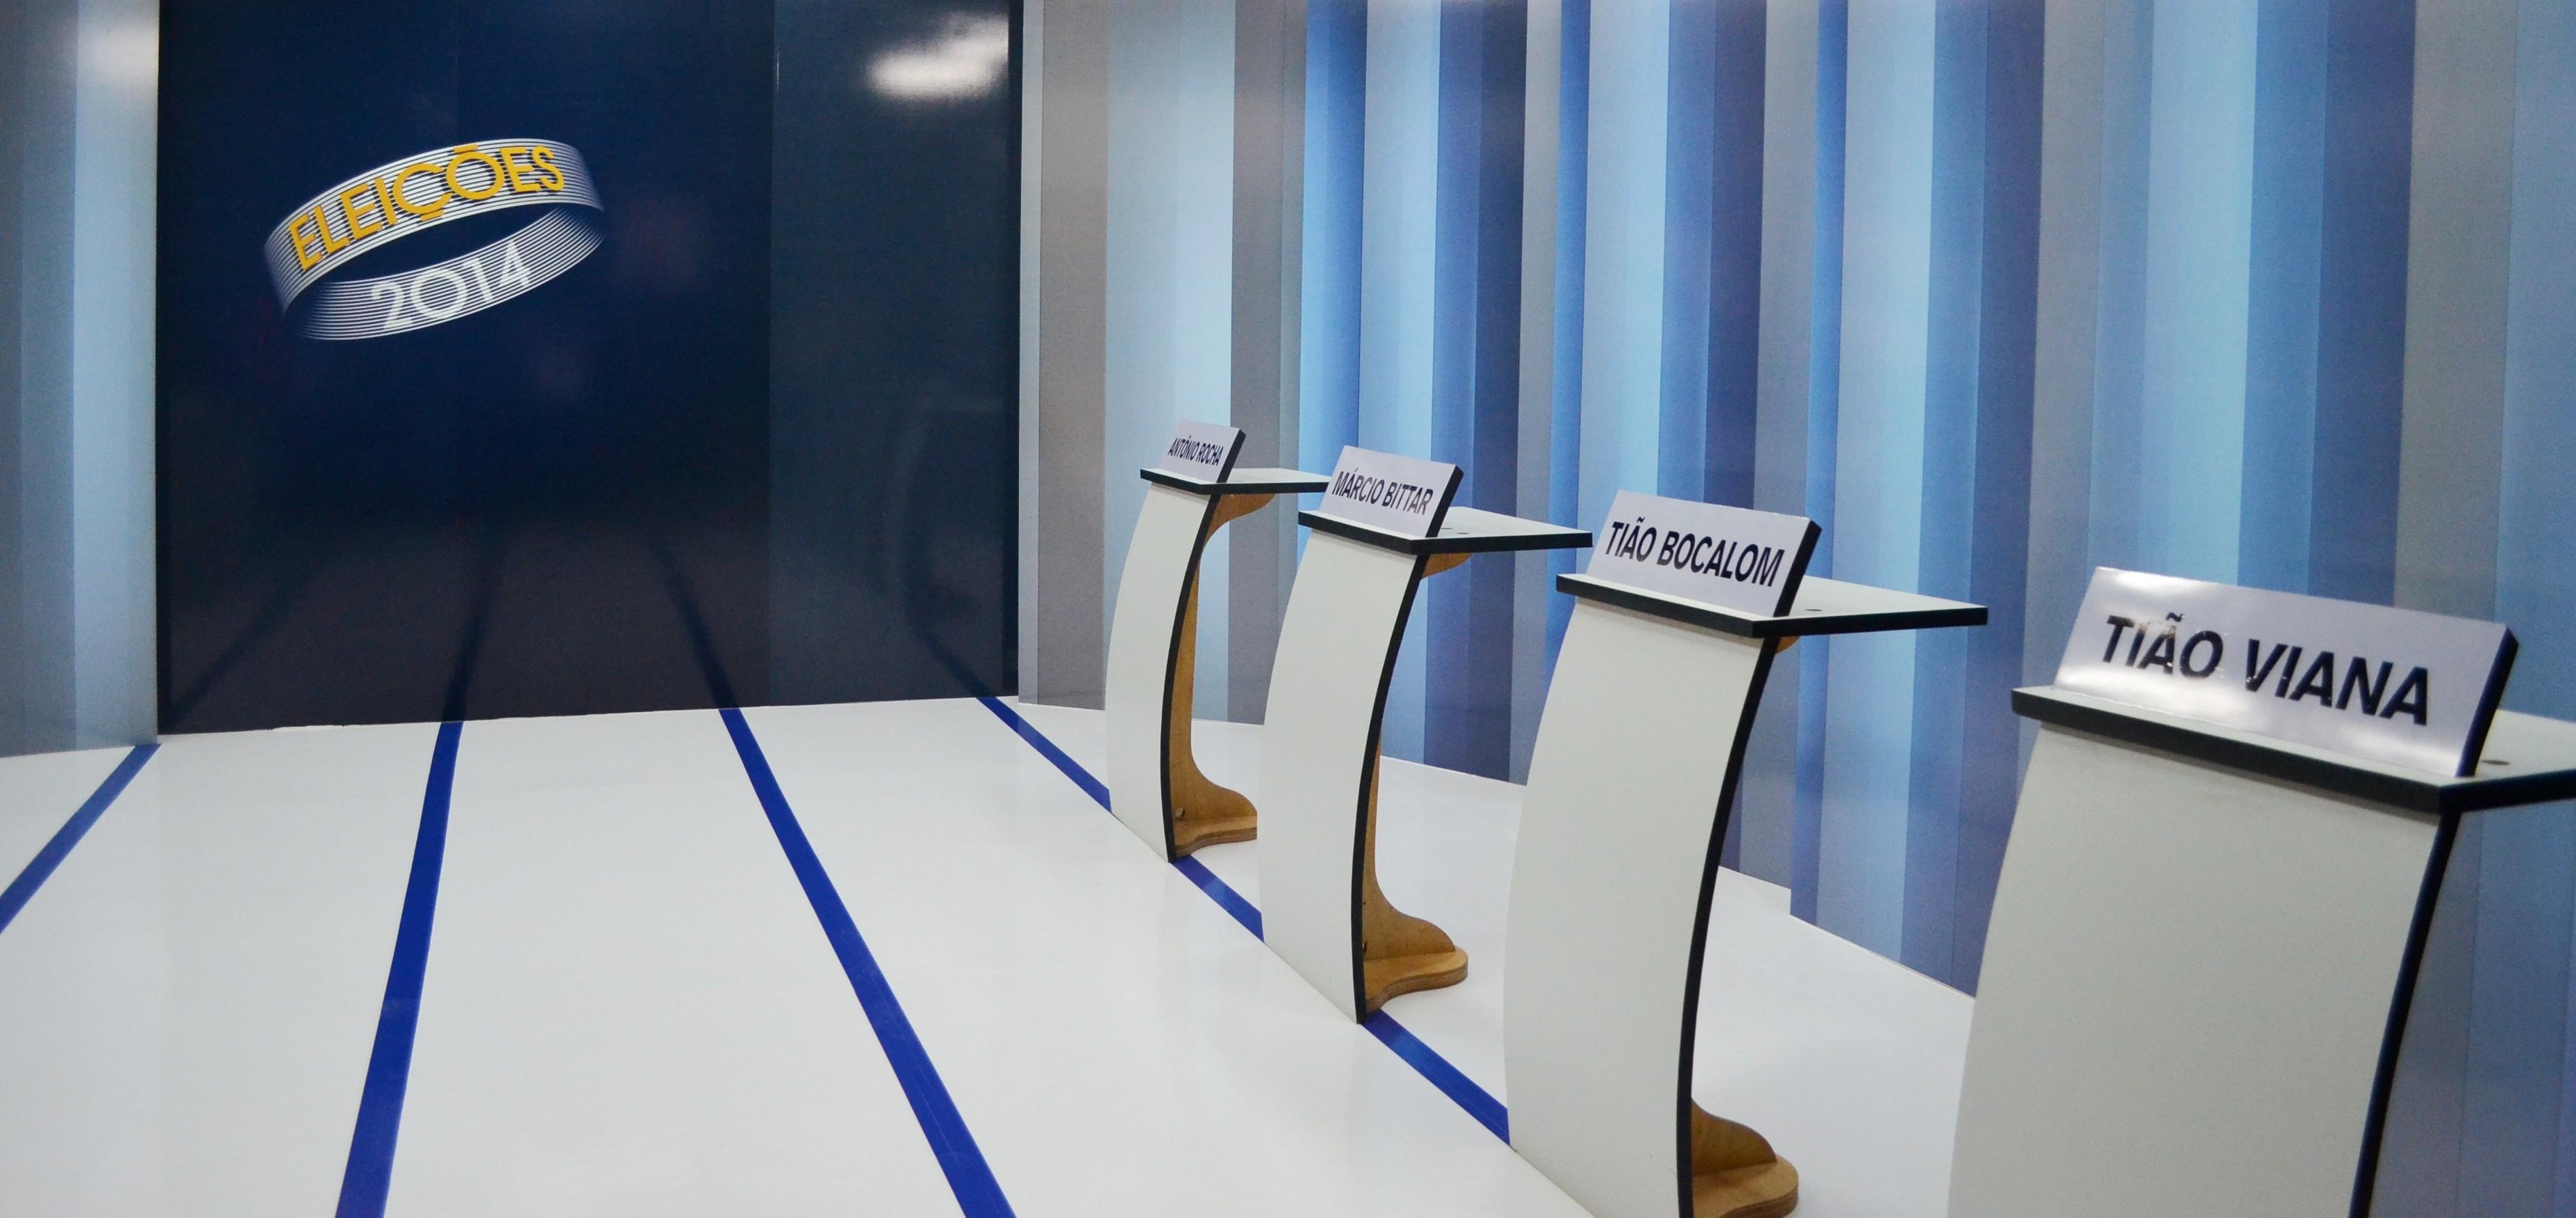 Debate com os candidatos será promovido no estúdio da TV Acre (Foto: Thiago Cabral/G1)